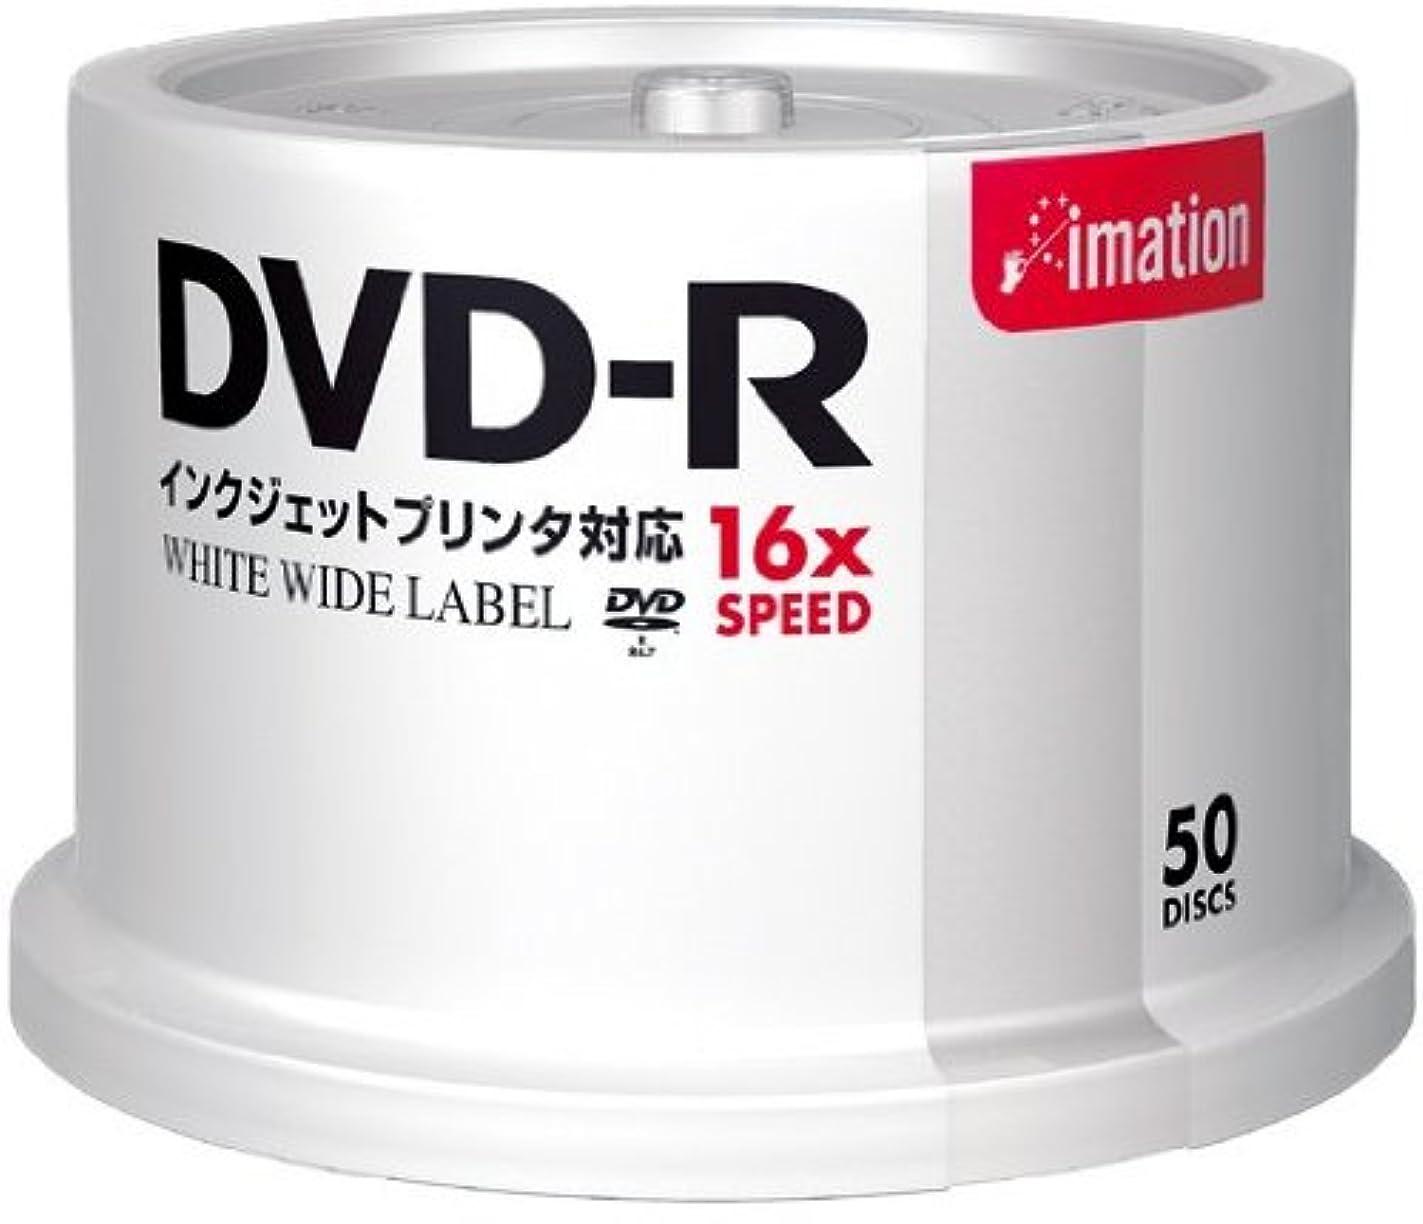 相関する間違いなくタクト三菱化学メディア DTW47U5 DVD+RW PCデータ用 4.7GB 5枚パック